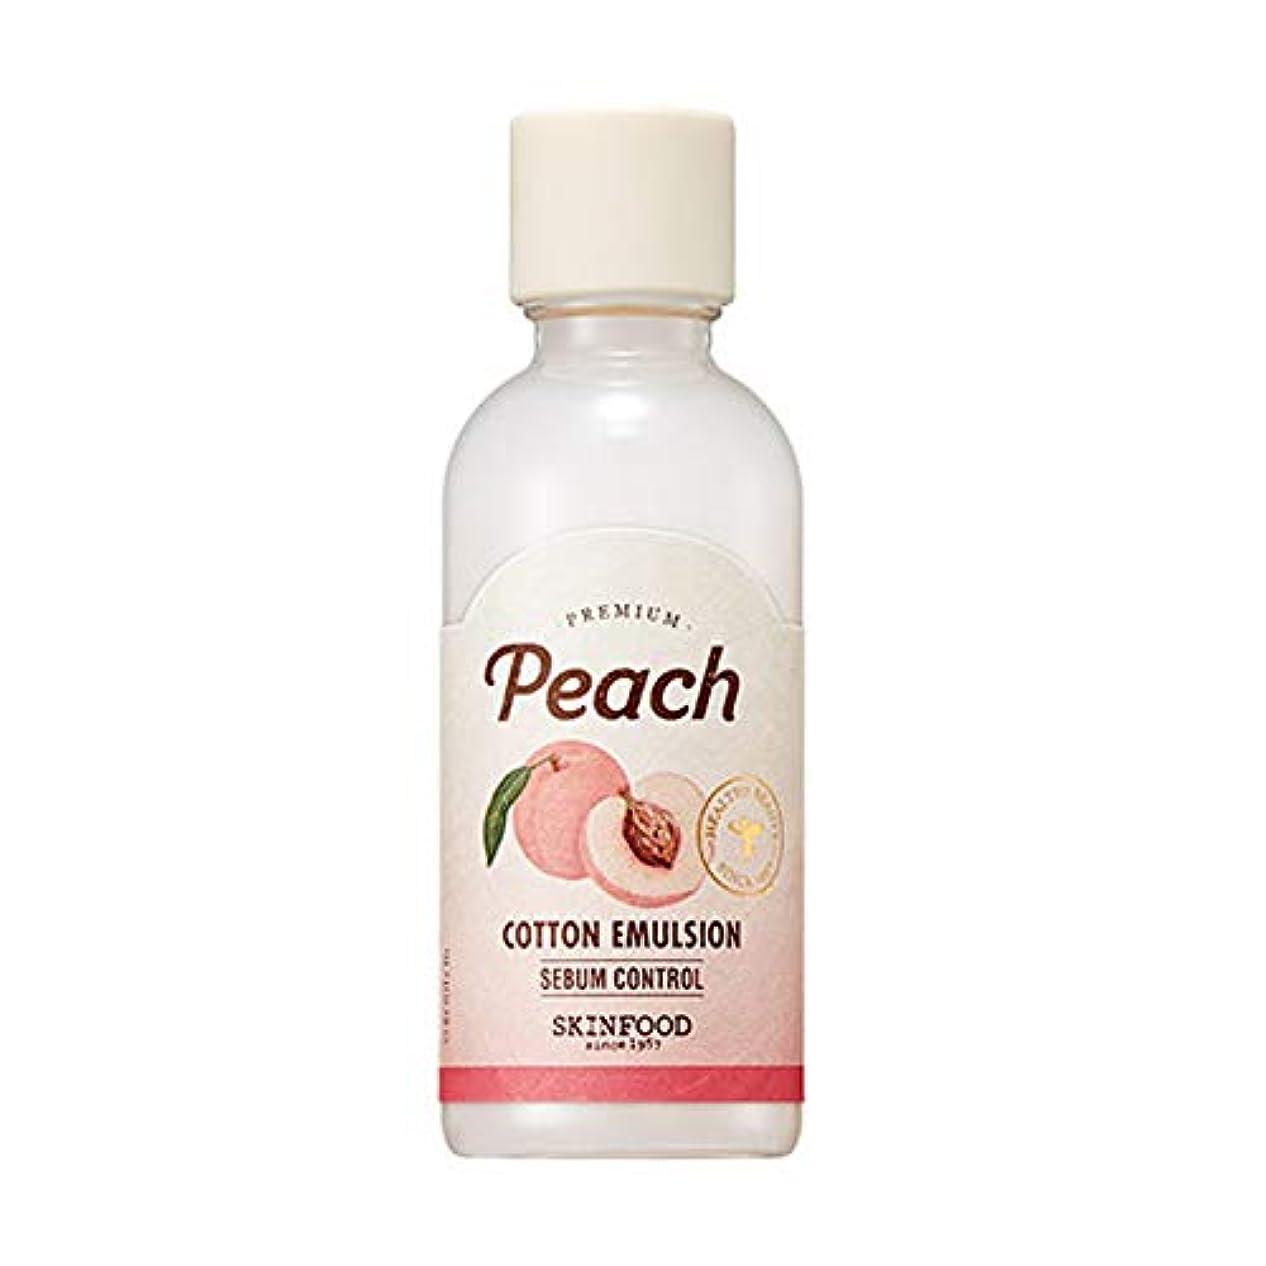 キャンペーン憲法語Skinfood プレミアムピーチコットンエマルジョン/Premium Peach Cotton Emulsion 160ml [並行輸入品]